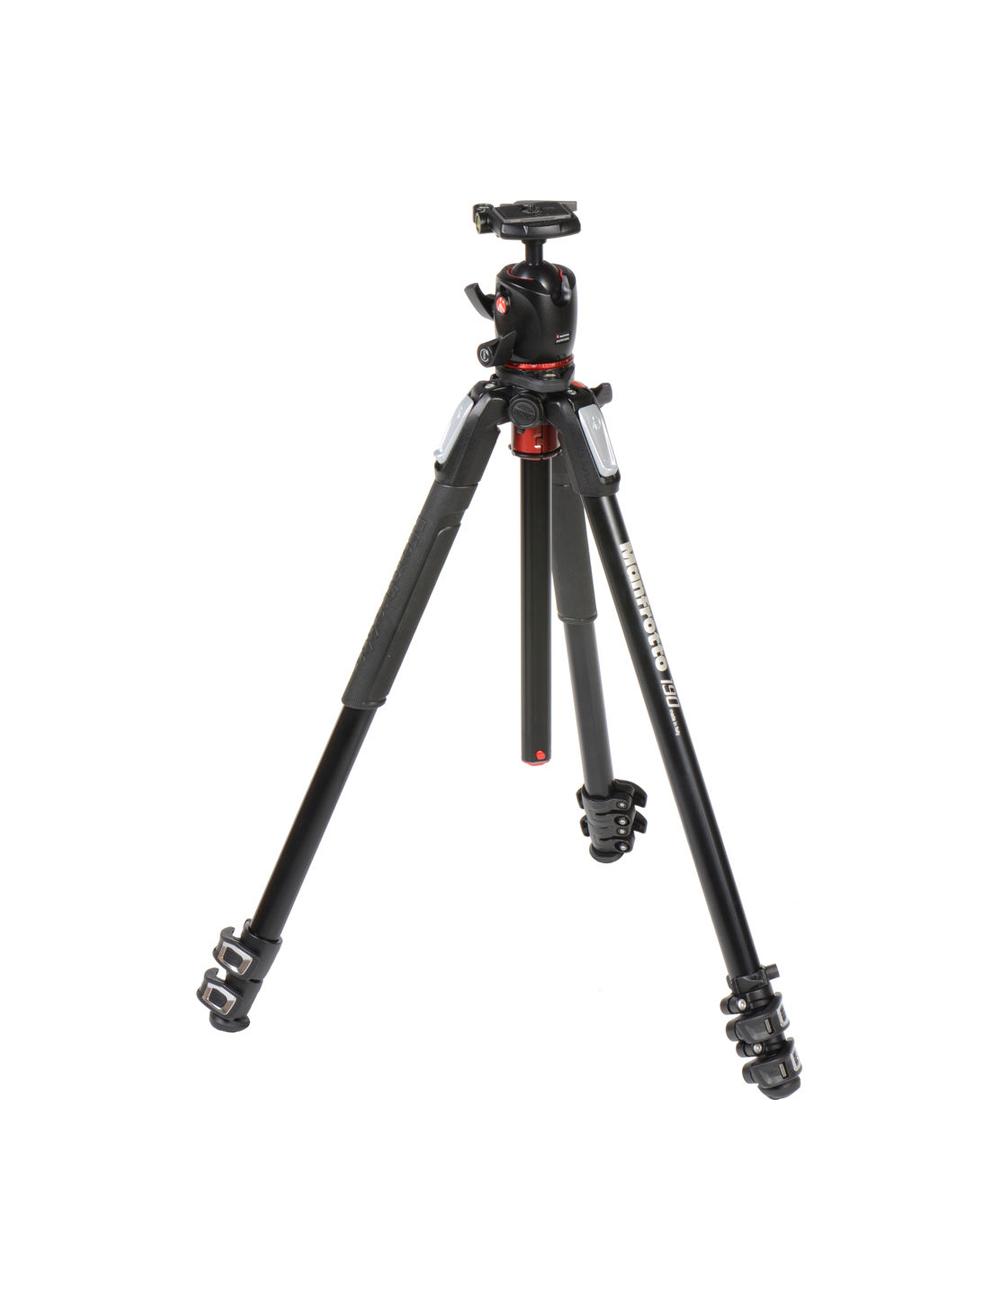 Fujifilm XF 23mm f/2 Lente Angular muy luminoso en color Negro